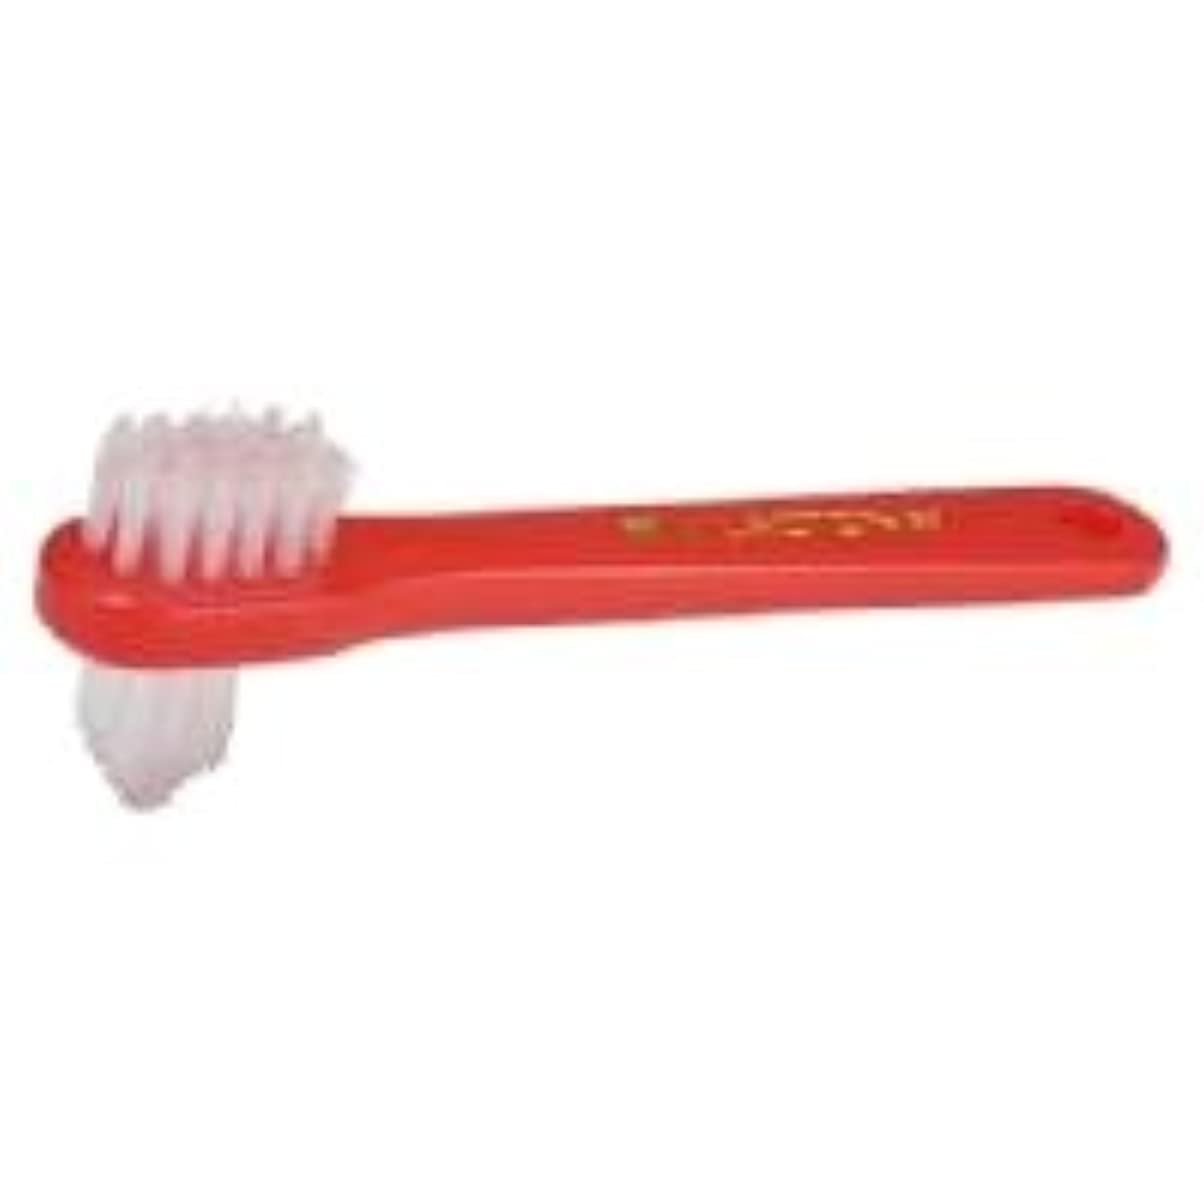 いっぱい縞模様のリー【ラクトナ】【歯科用】ラクトナ歯ブラシ #500 M 1本【義歯用ブラシ】